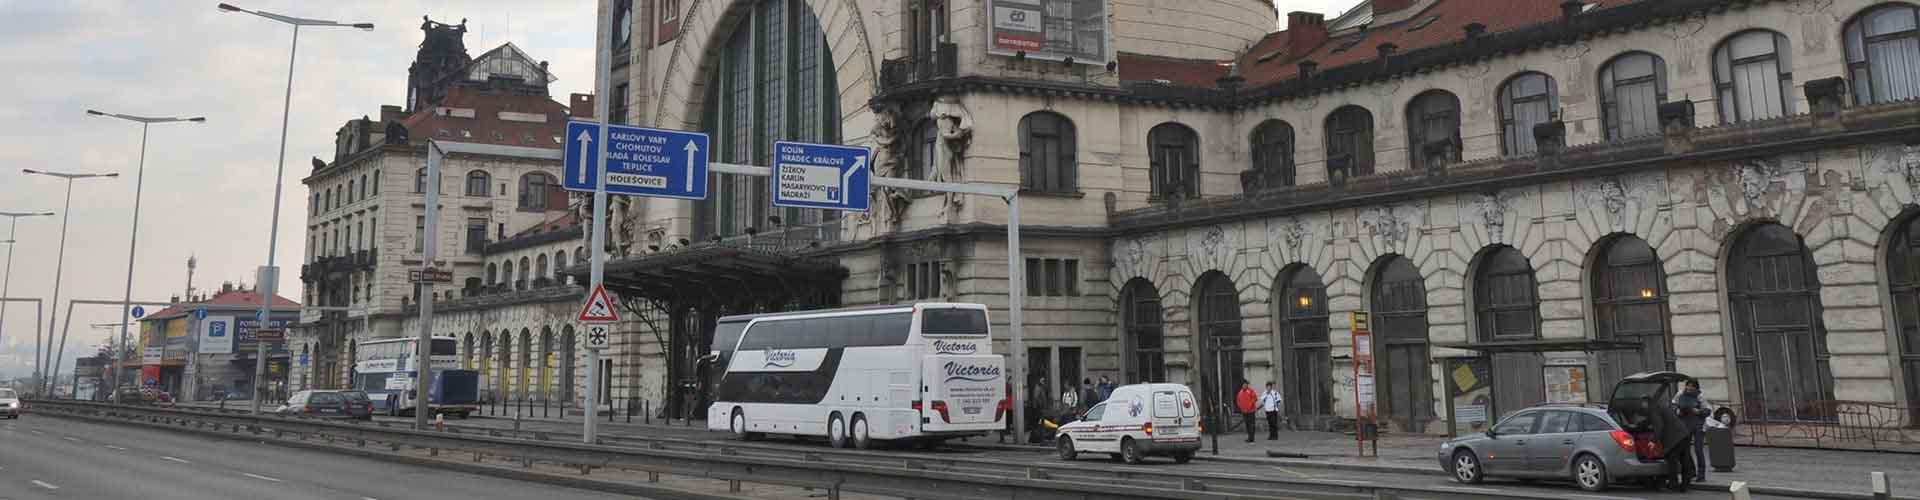 Prag – Hostels in der Nähe von Prag Hauptbahnhof. Prag auf der Karte. Fotos und Bewertungen für jedes Hostel in Prag.